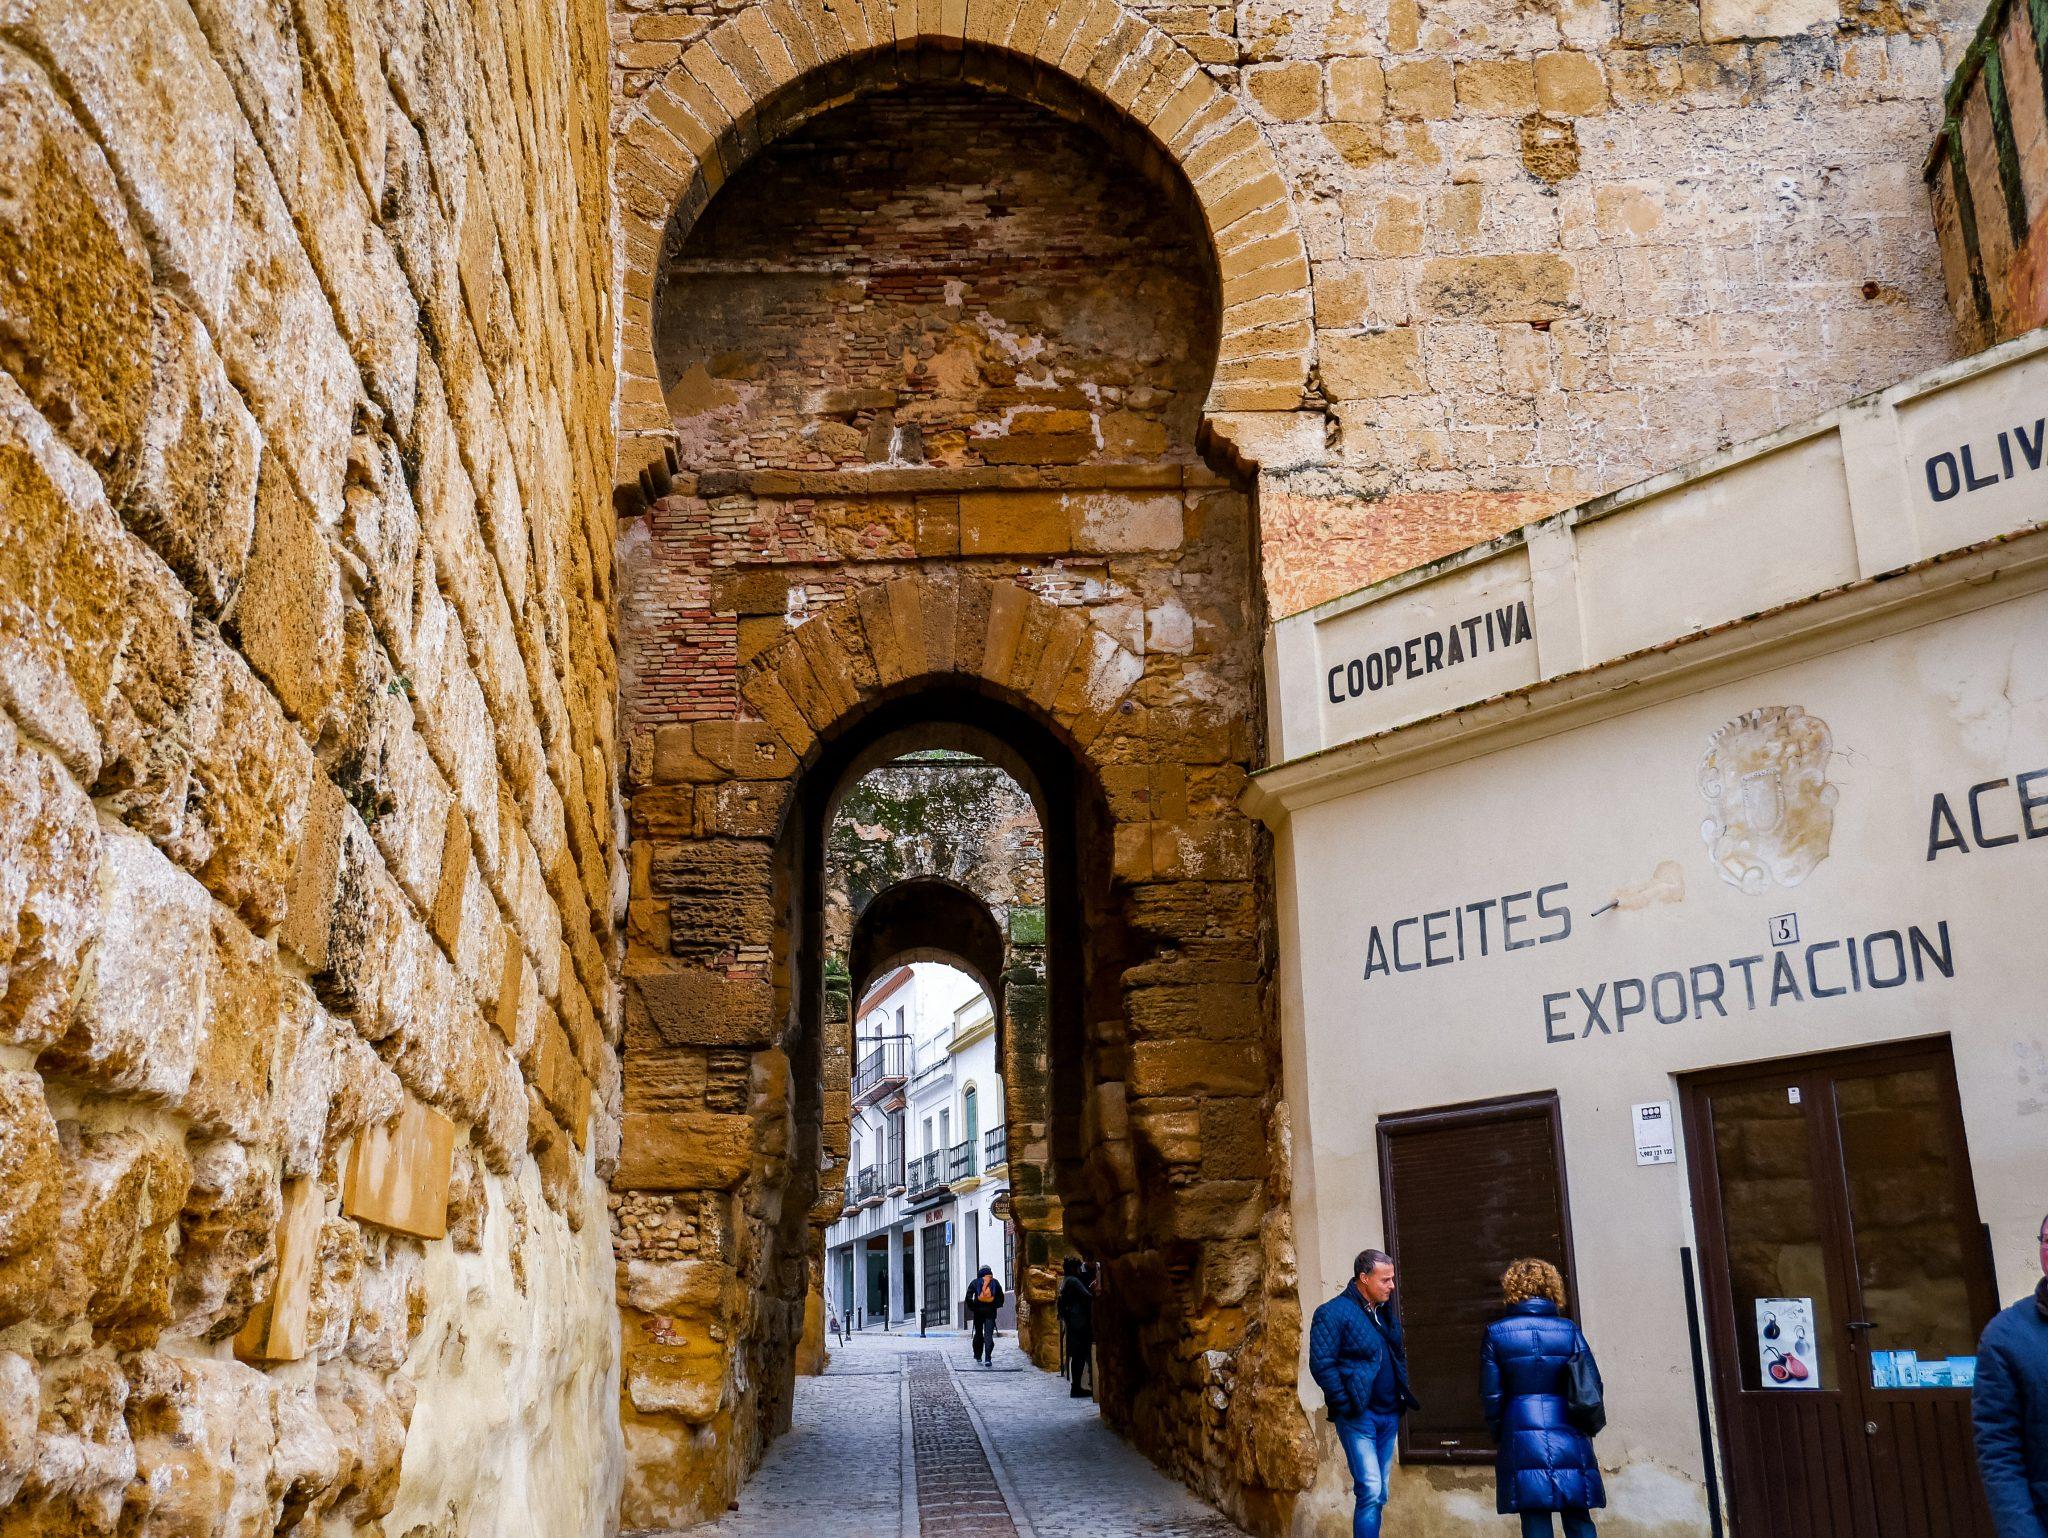 Ab hier fängt die Altstadt an: Puerta de Sevilla